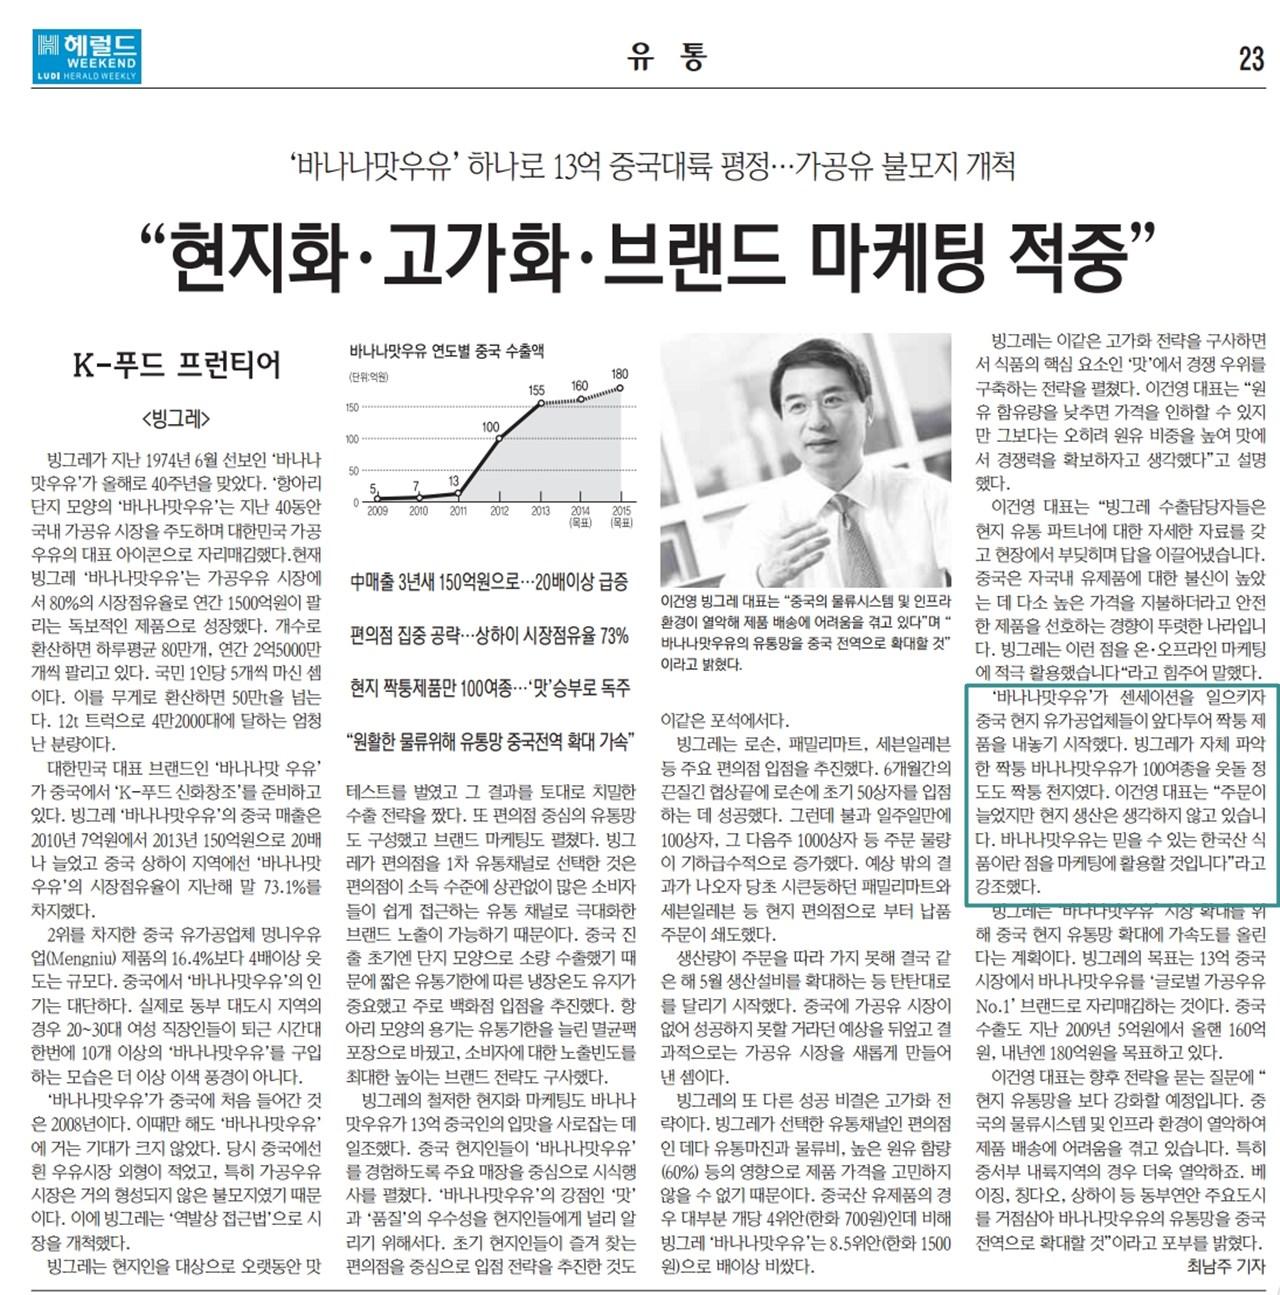 바나나맛우유 중국 진출 인터뷰 기사-헤럴드지.jpg